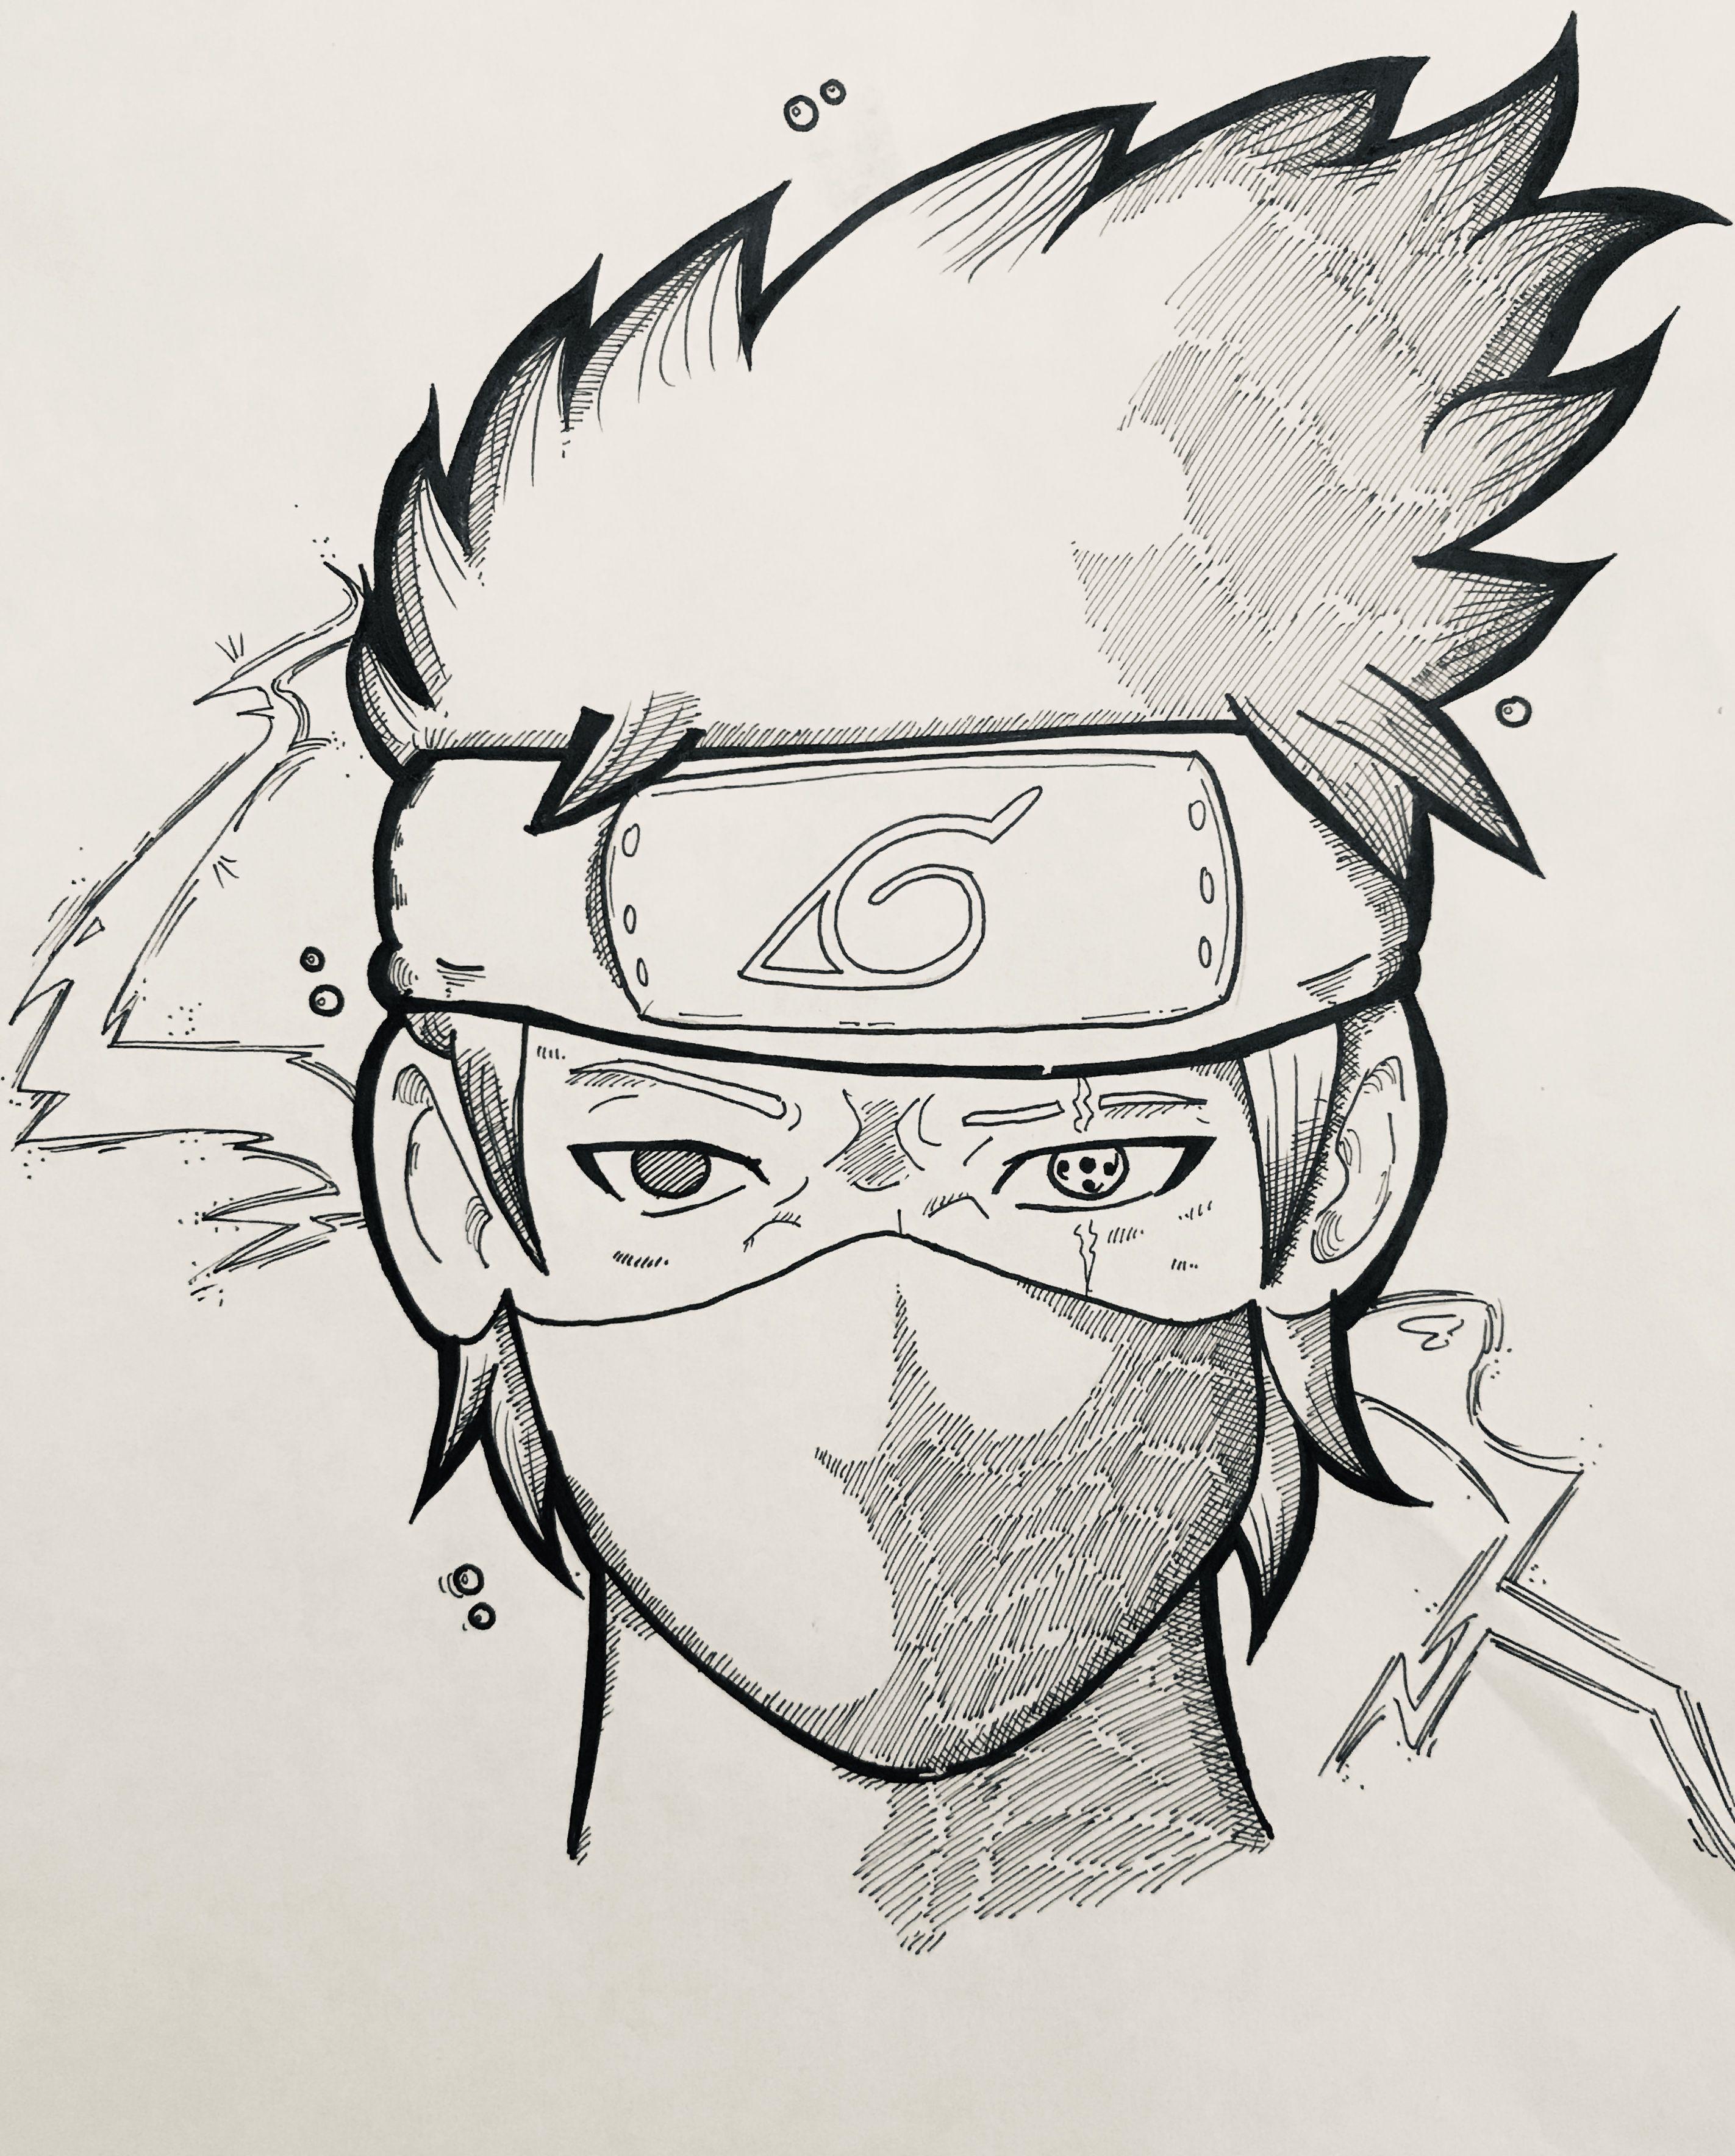 Kakashi Hatake Drawing : kakashi, hatake, drawing, Ashley, Celestin, Kakashi, Sketch, Drawing,, Naruto, Drawings,, Hatake